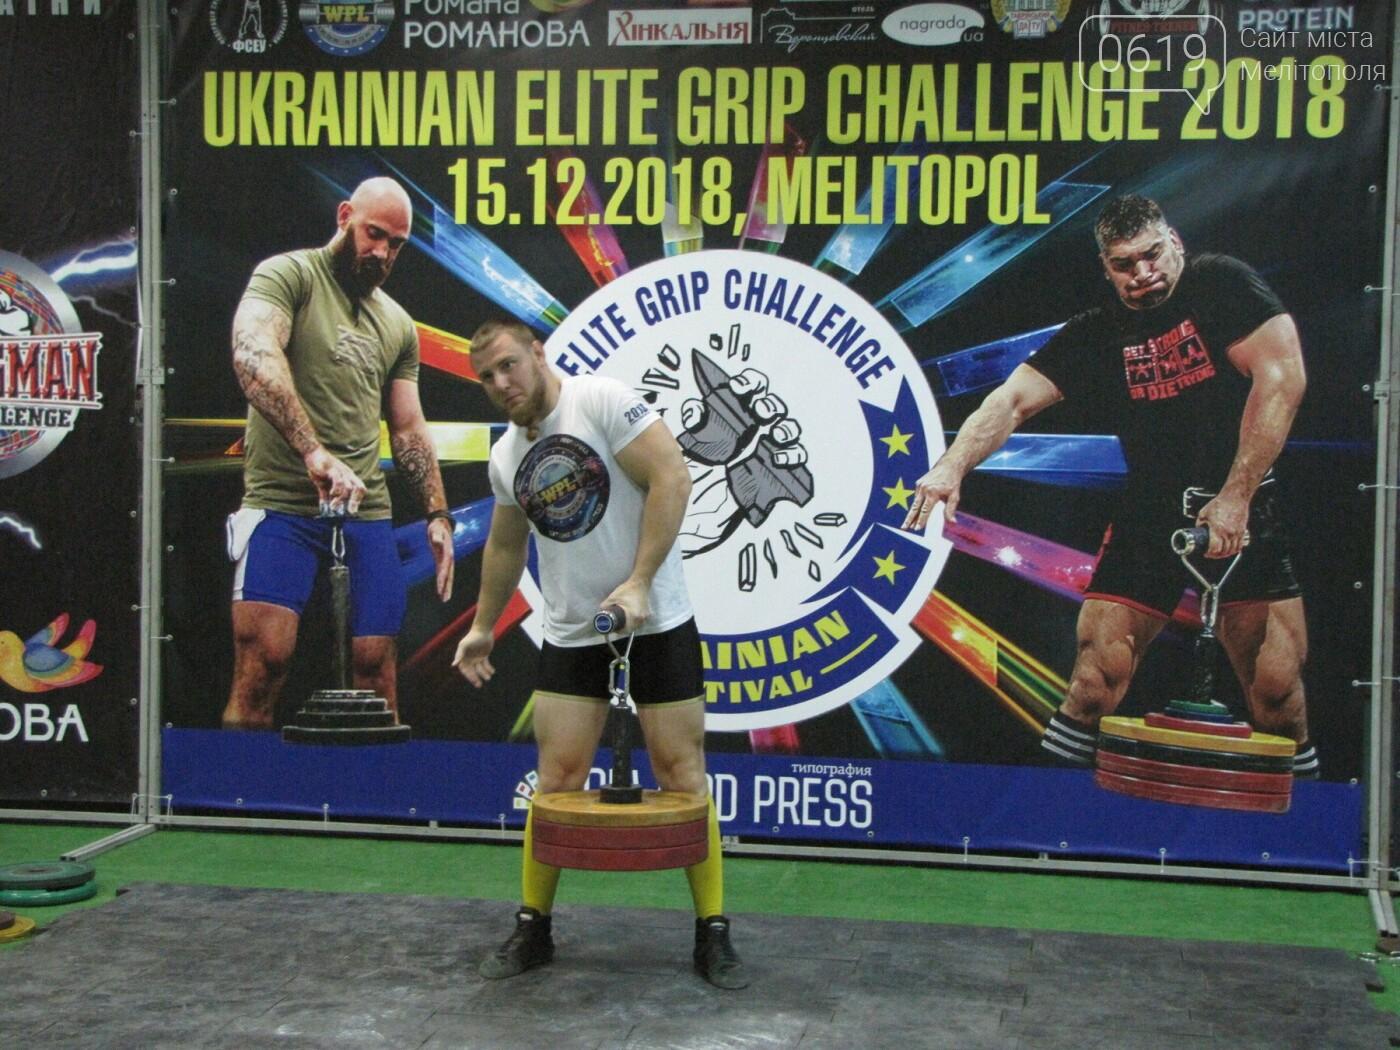 В Мелитополе сильнейшие атлеты соревновались в силе хвата, фото-45